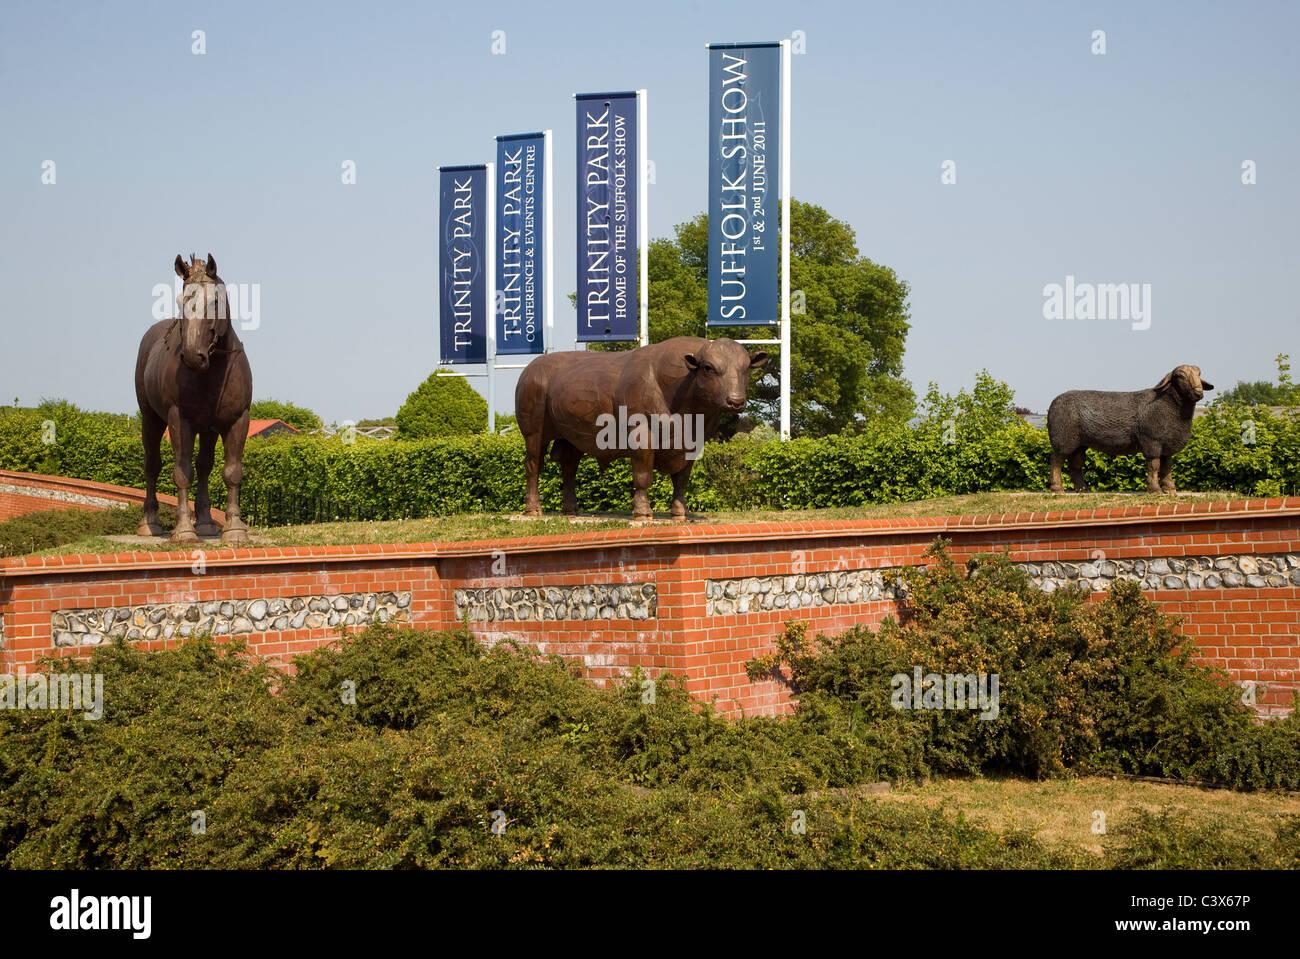 Sculptures farm animals Suffolk Showground Ipswich Suffolk England - Stock Image